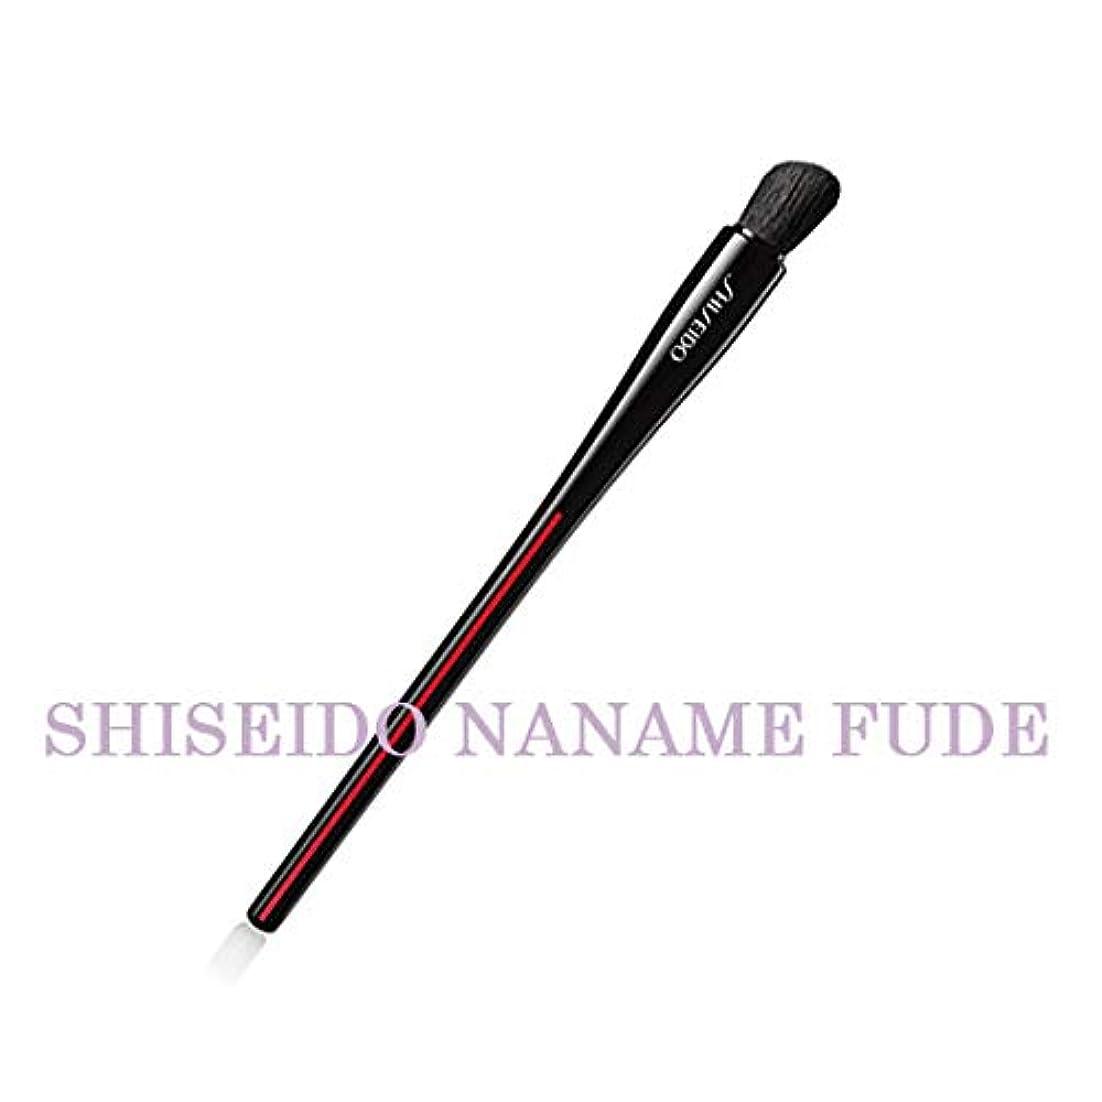 ドナー債権者学習SHISEIDO Makeup(資生堂 メーキャップ) SHISEIDO(資生堂) SHISEIDO NANAME FUDE マルチ アイブラシ